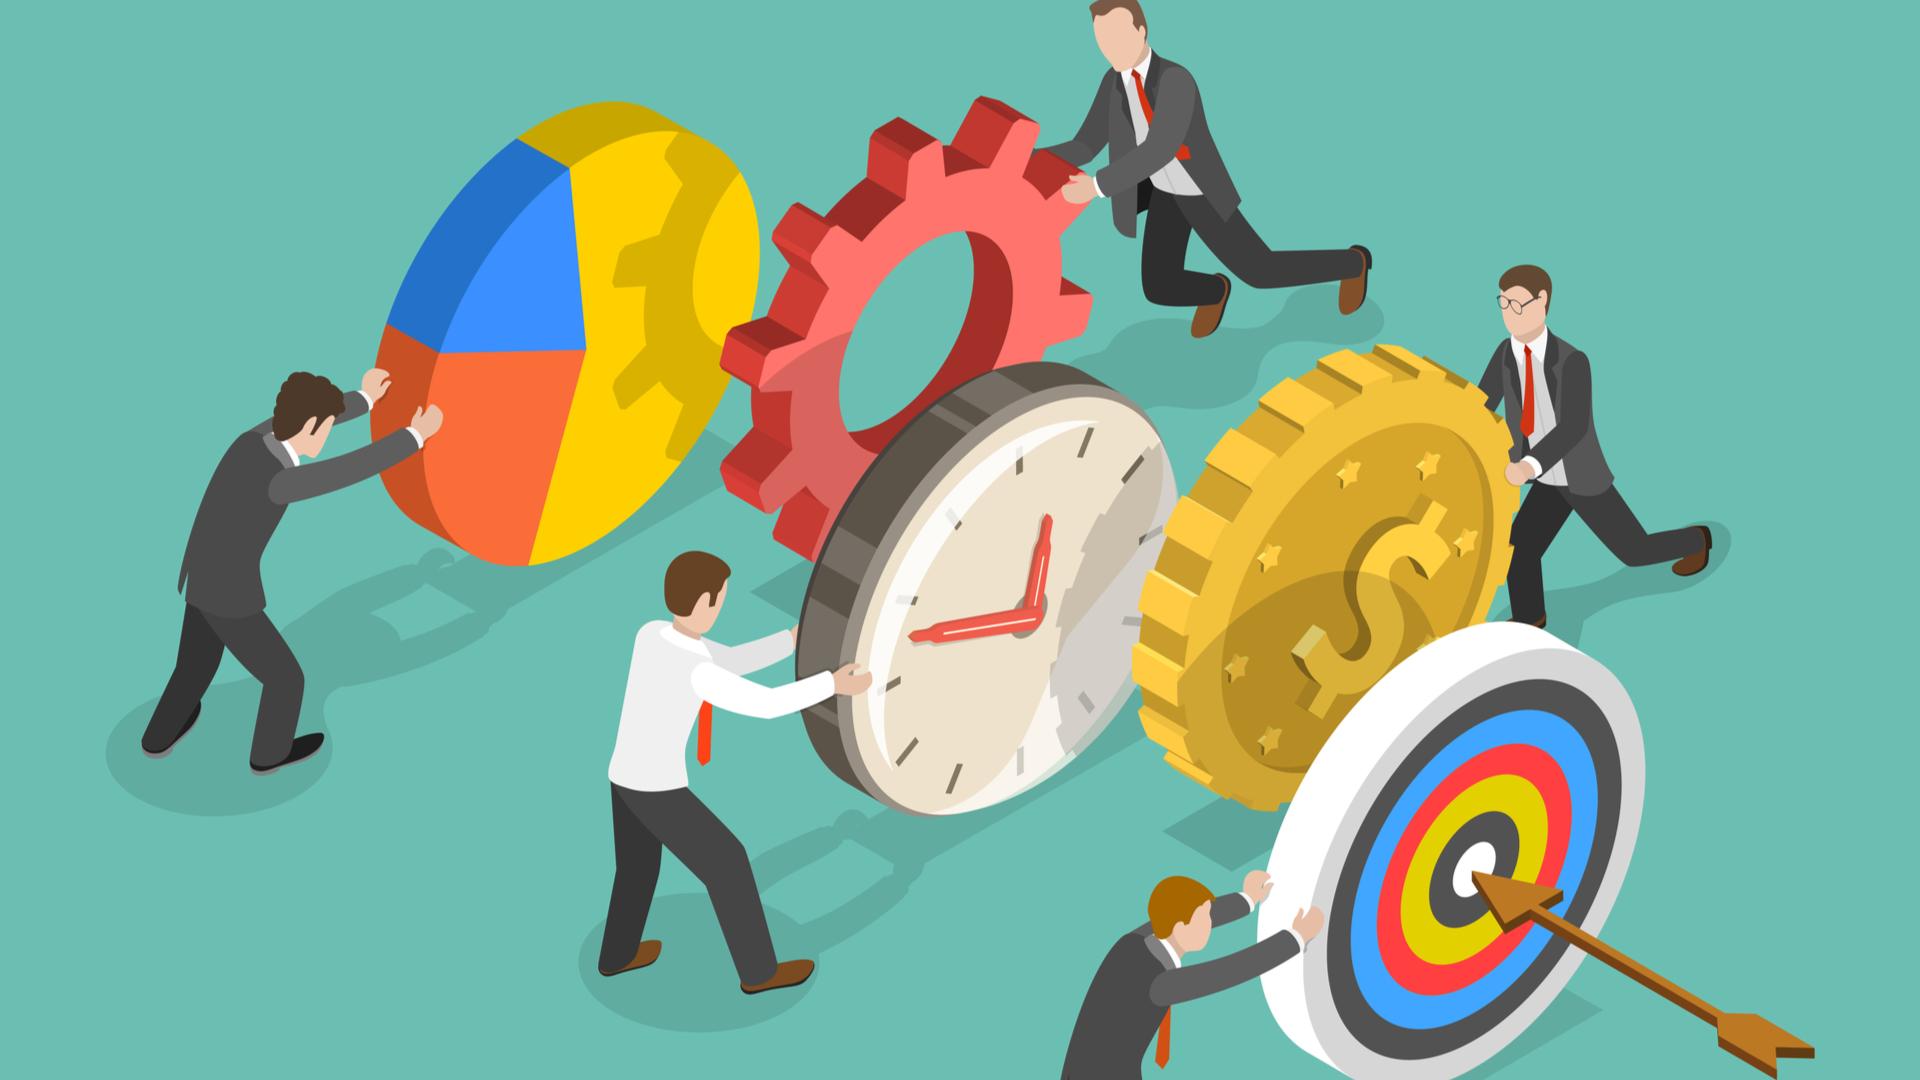 日程調整はPWAツールでグンと快適になる!PWA対応のスケコンで業務効率化を目指す